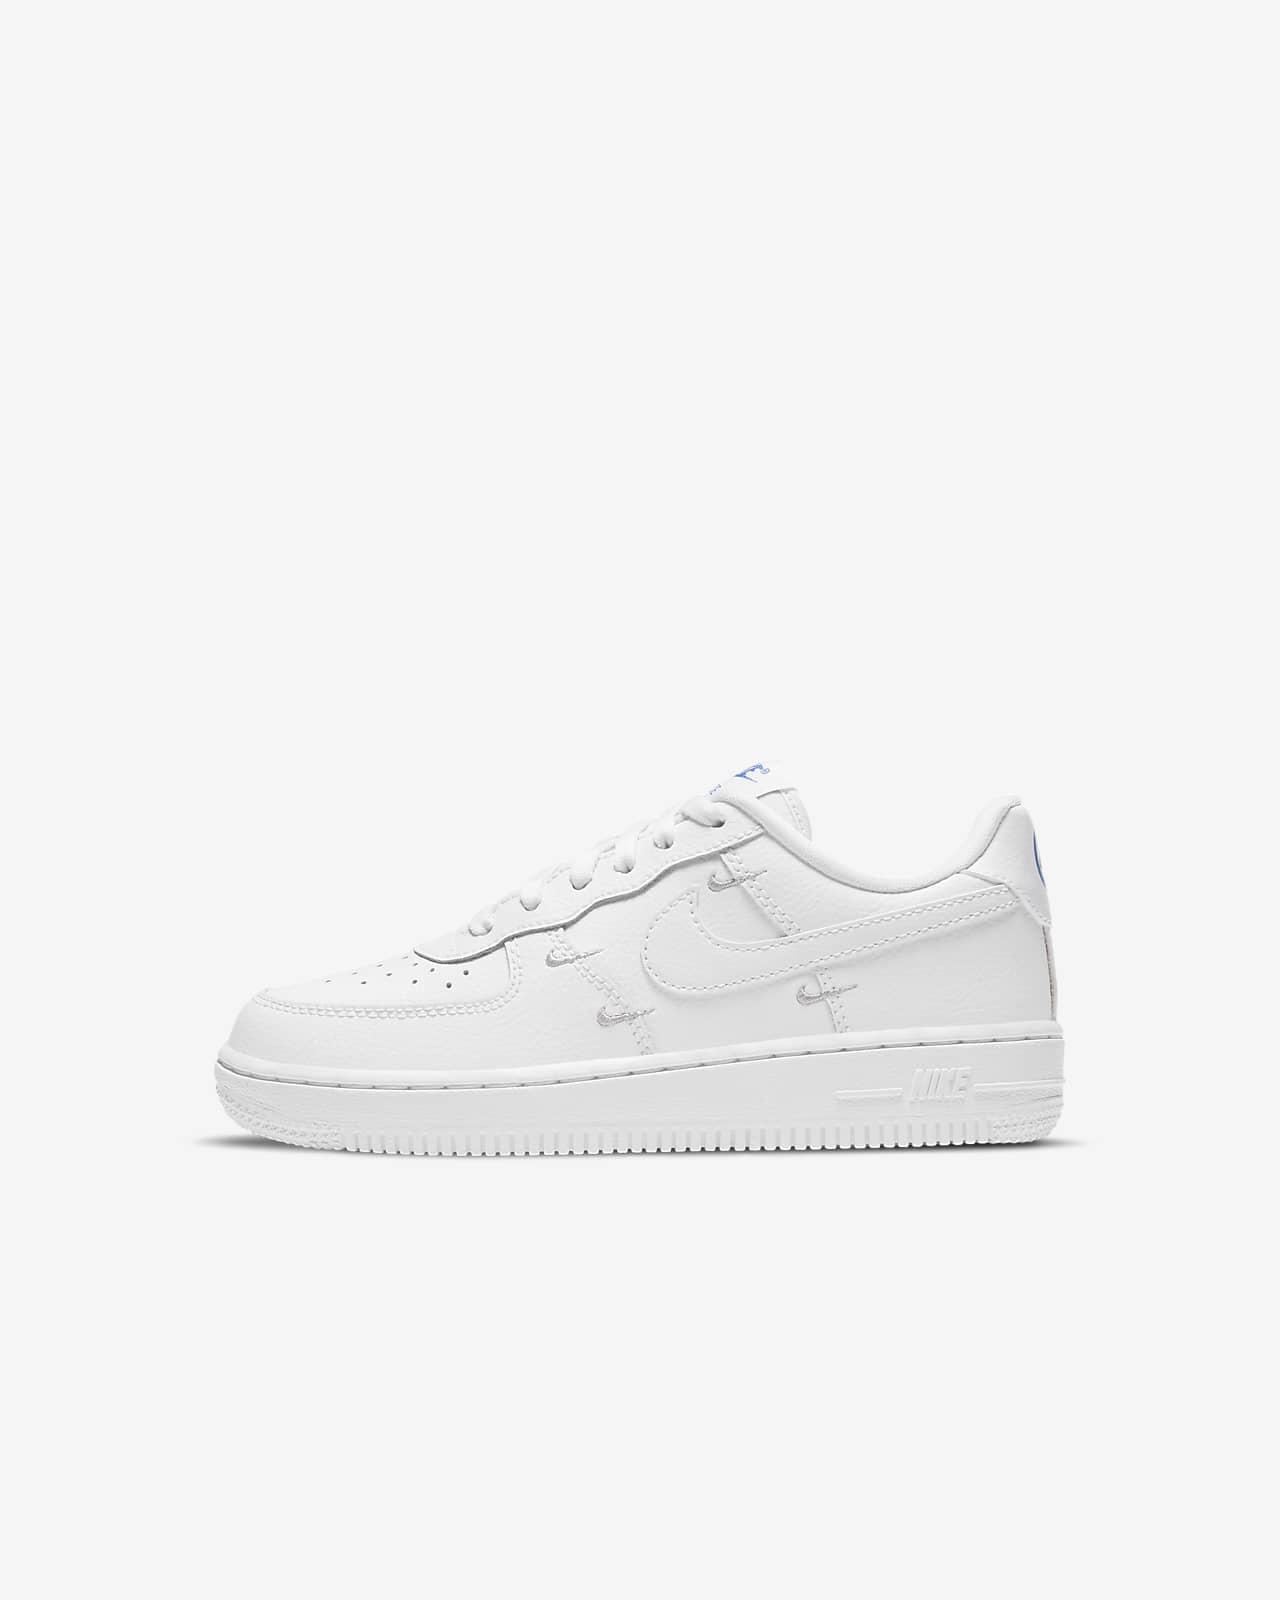 Nike Force 1 LV8 Little Kids' Shoe